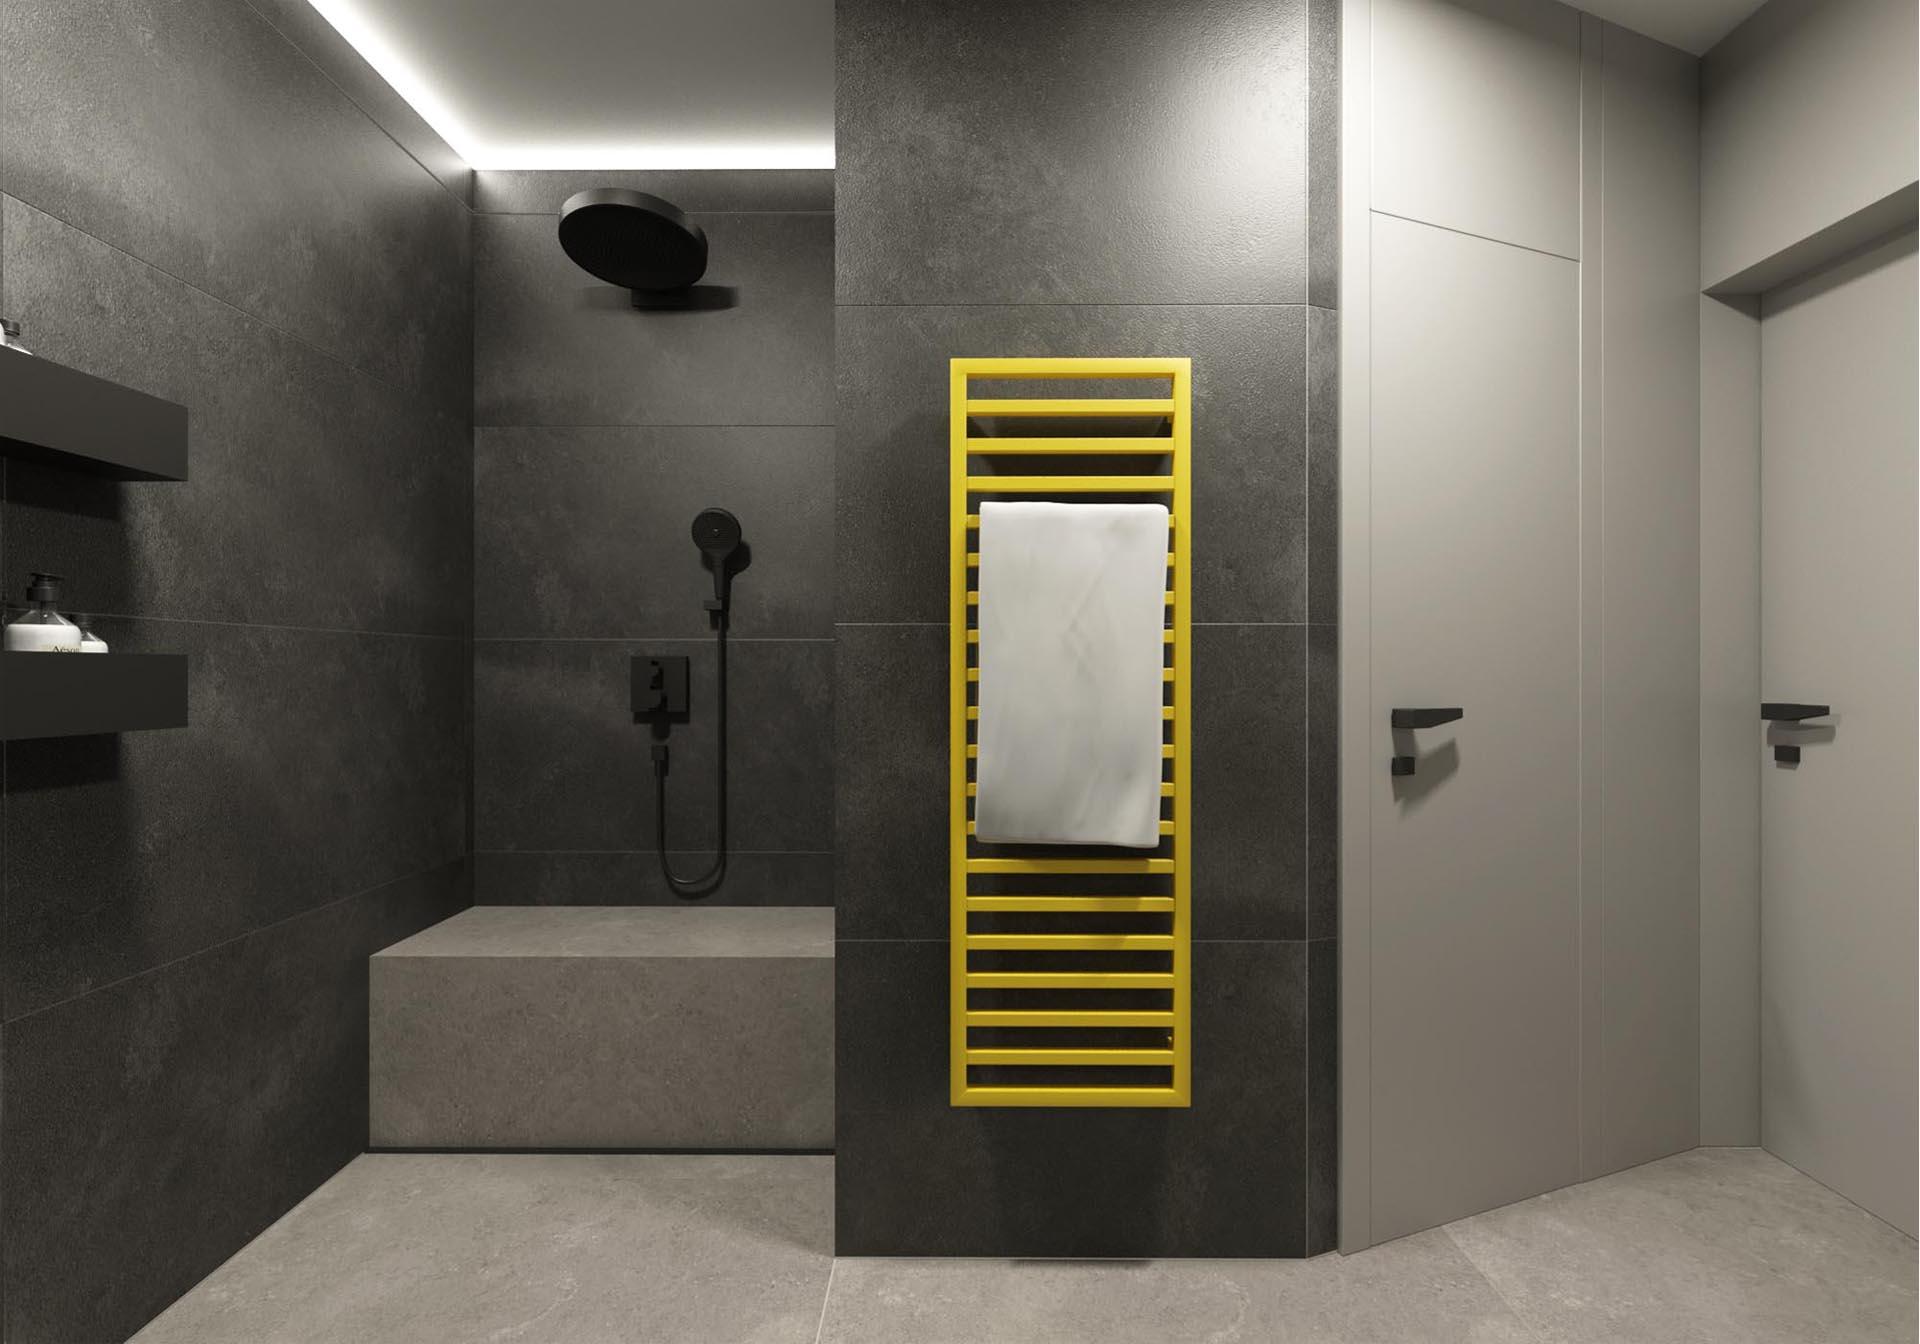 rekonstrukcia bytu, rekonstrukcia bytu bratislava, navrh kupelne s wc, navrh interieru kupelne, interier kupelne, navrh interieru, bathroom design, interierovy dizajn, interierovy dizajner, veronika paluchova, grey interior, black interior, yellow tovel, V&B tiles, aberdeen magma